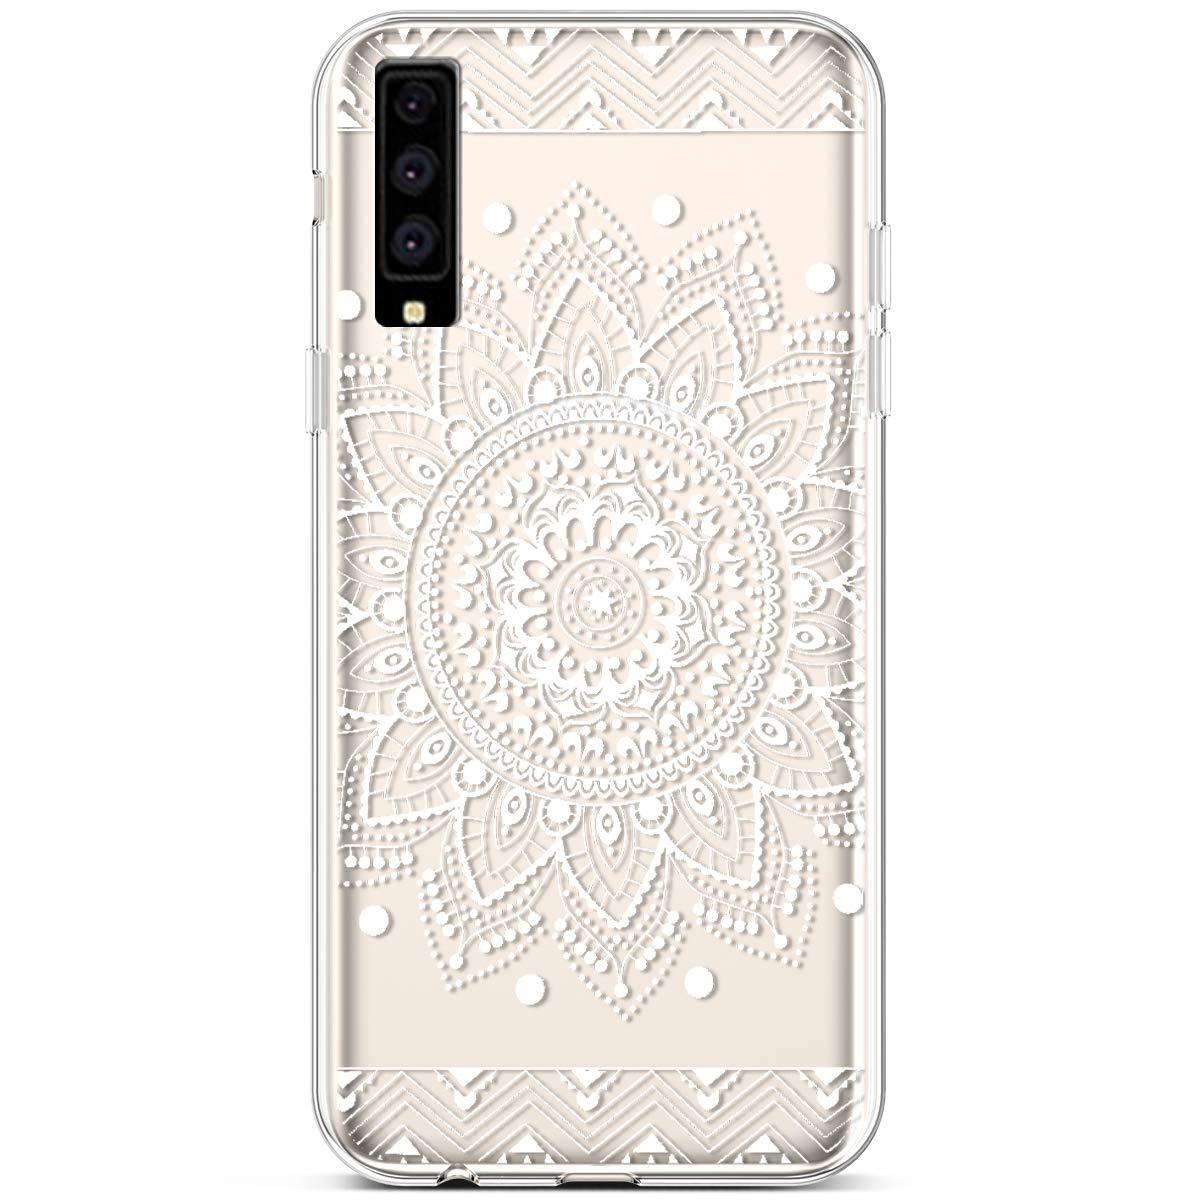 Felfy Compatible avec Galaxy A7 2018 Coque Silicone Transparente Housse /Étui de Protection Motif Cr/éatif Ultra Fine Doux Souple TPU Silicone Case Cover Cristal Clair Bumper Shell,/Él/éphant